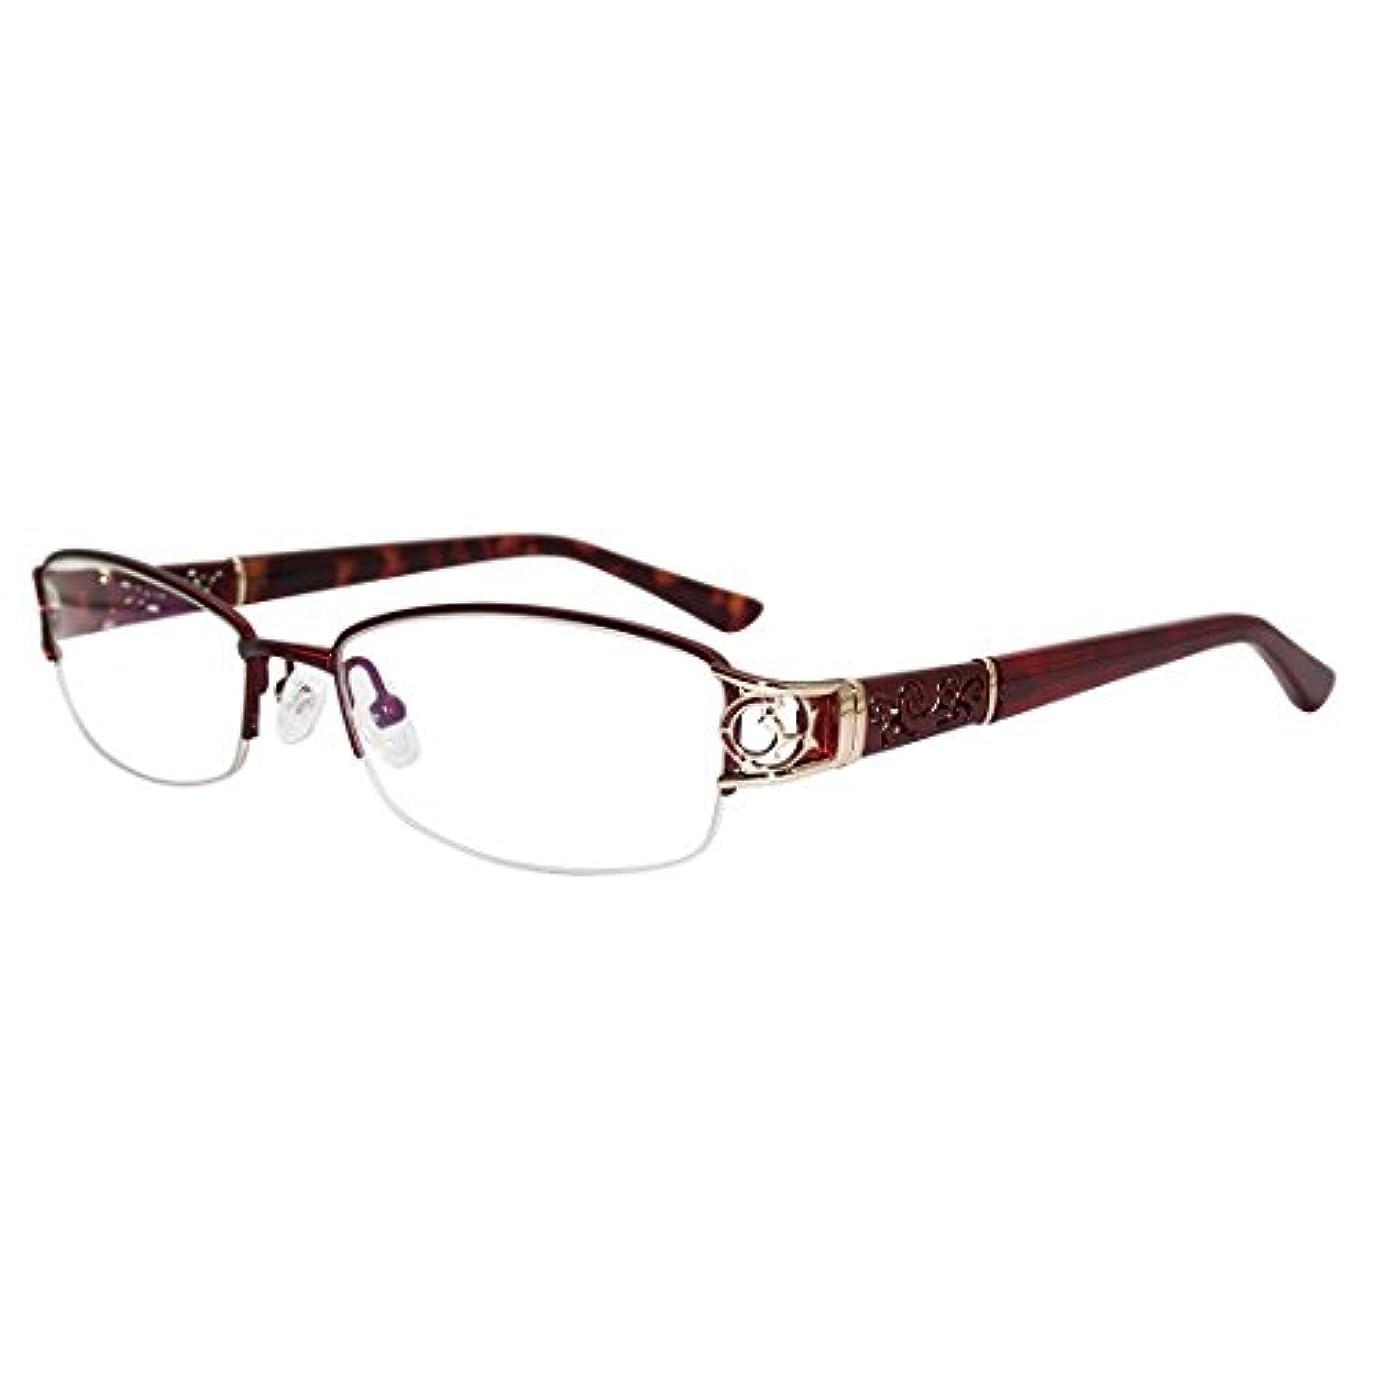 三角灰種類女性伊達メガネ ハーフリム オシャレ精巧眼鏡フレーム金属製レディーズアイウェア ケース付き